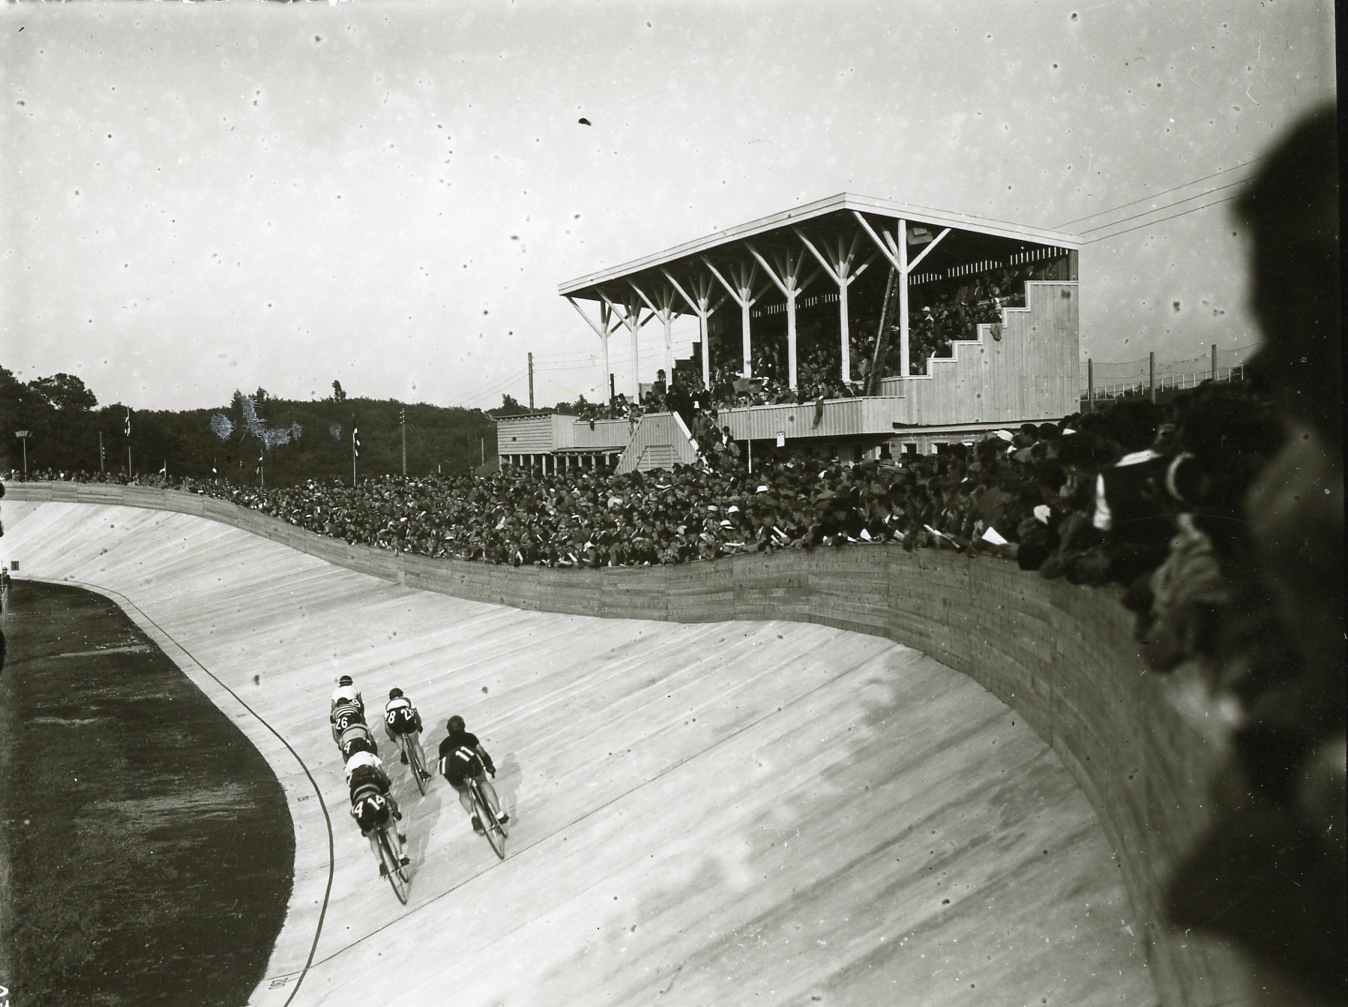 Fra åbningsdagen på den nye Aarhus Cyklebane, d. 24. juli 1940. Foto: Aage Fredslund Andersen.